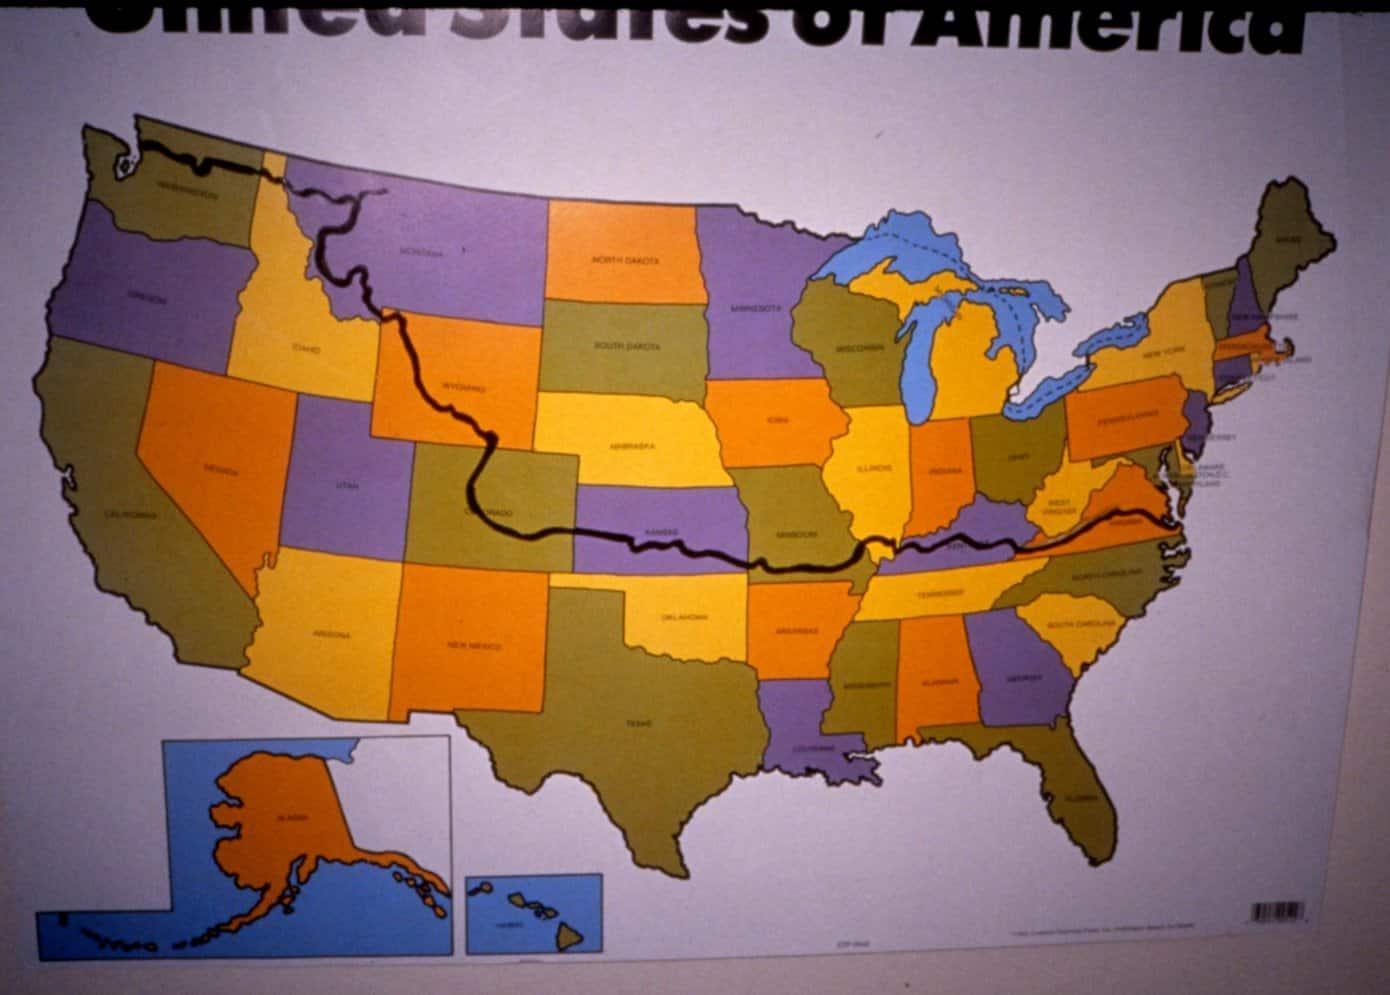 Biking route across America